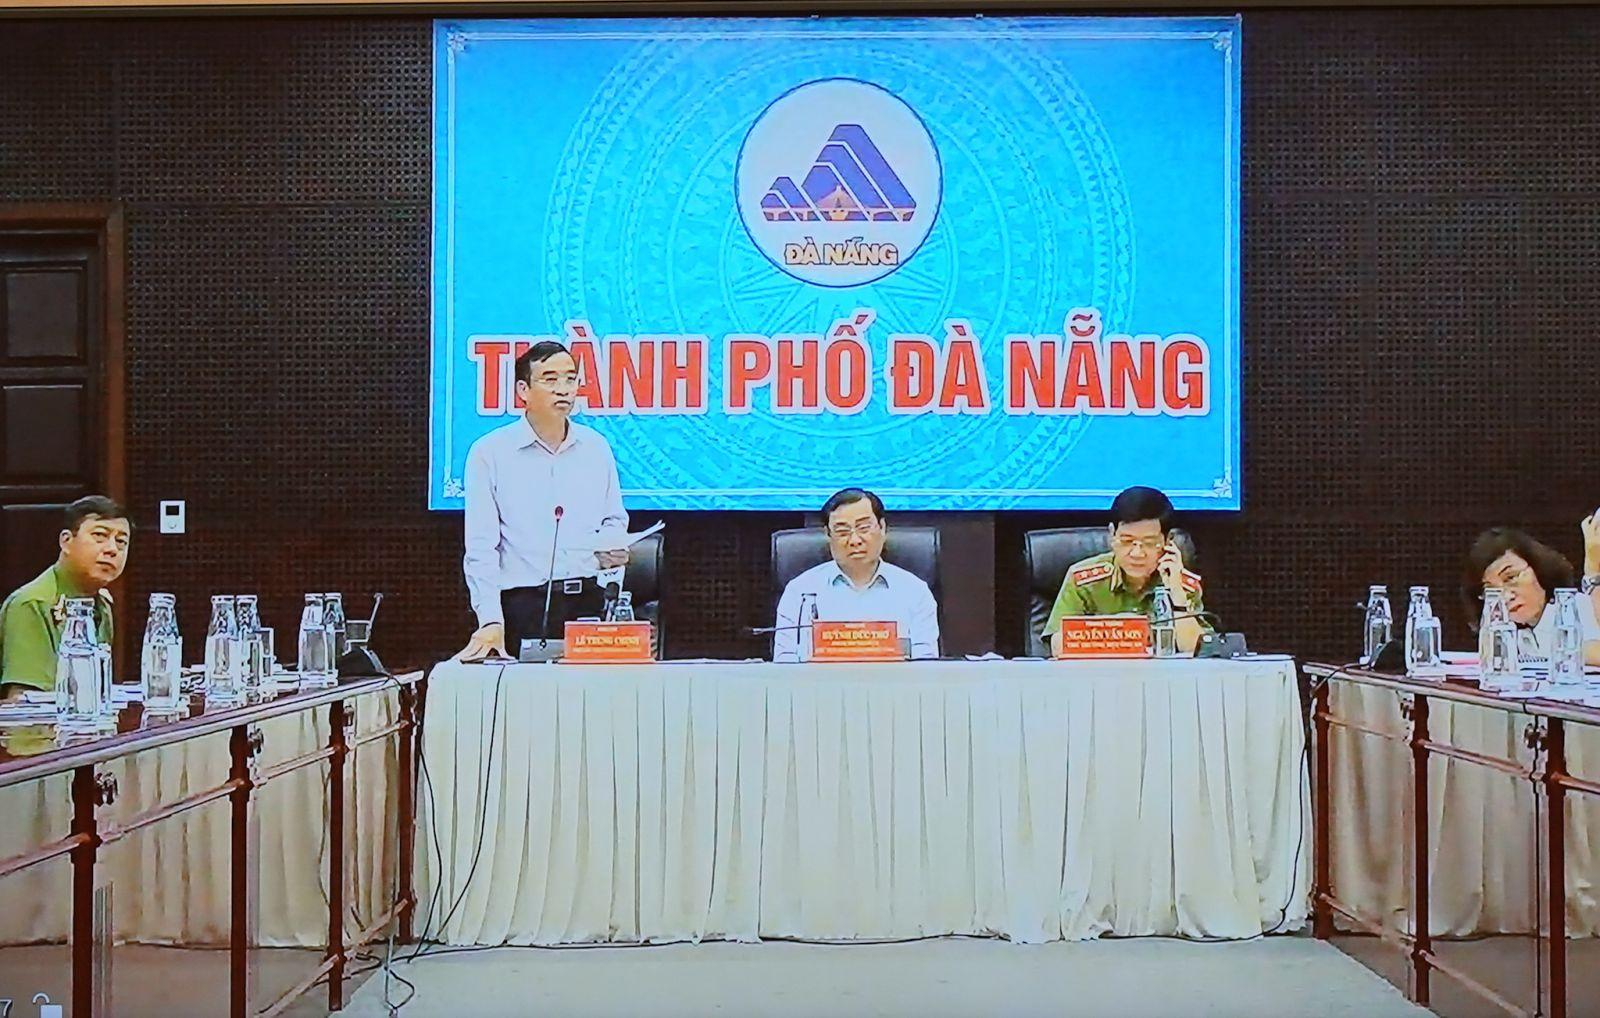 Lãnh đạo Thành phố Đà Nẵng báo cáo trực tuyến tại cuộc họp. - Ảnh: VGP/Quang Hiếu